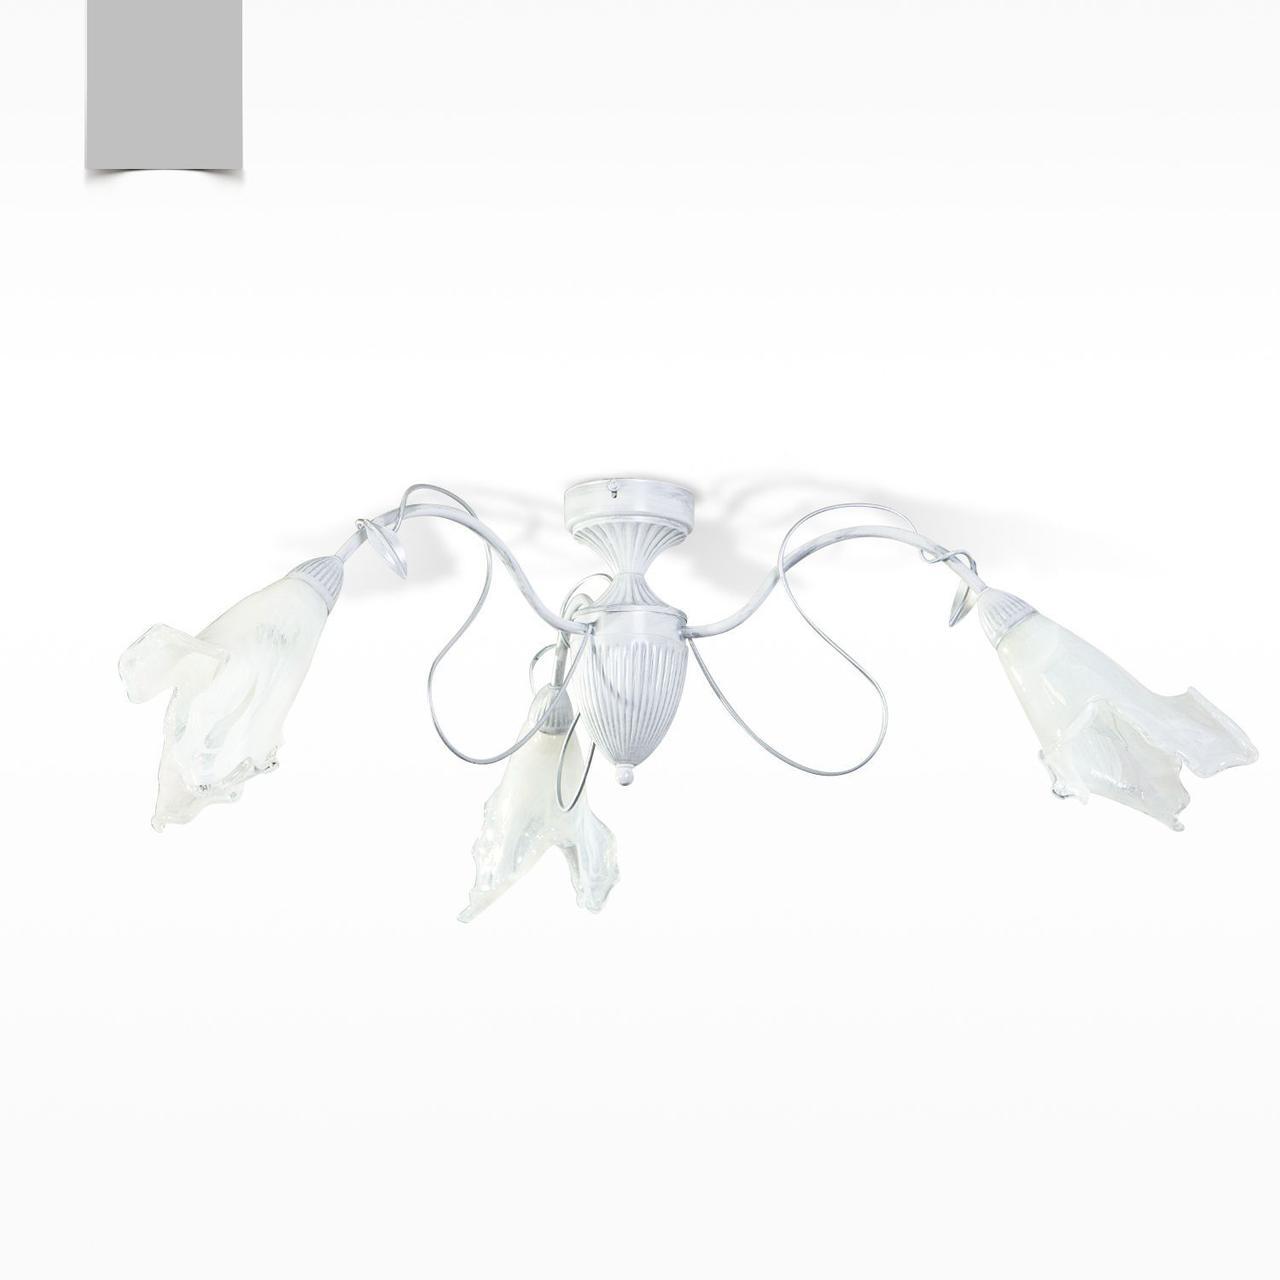 Люстра для спальни, кухни флористика на 3 стеклянных плафона 30203-1